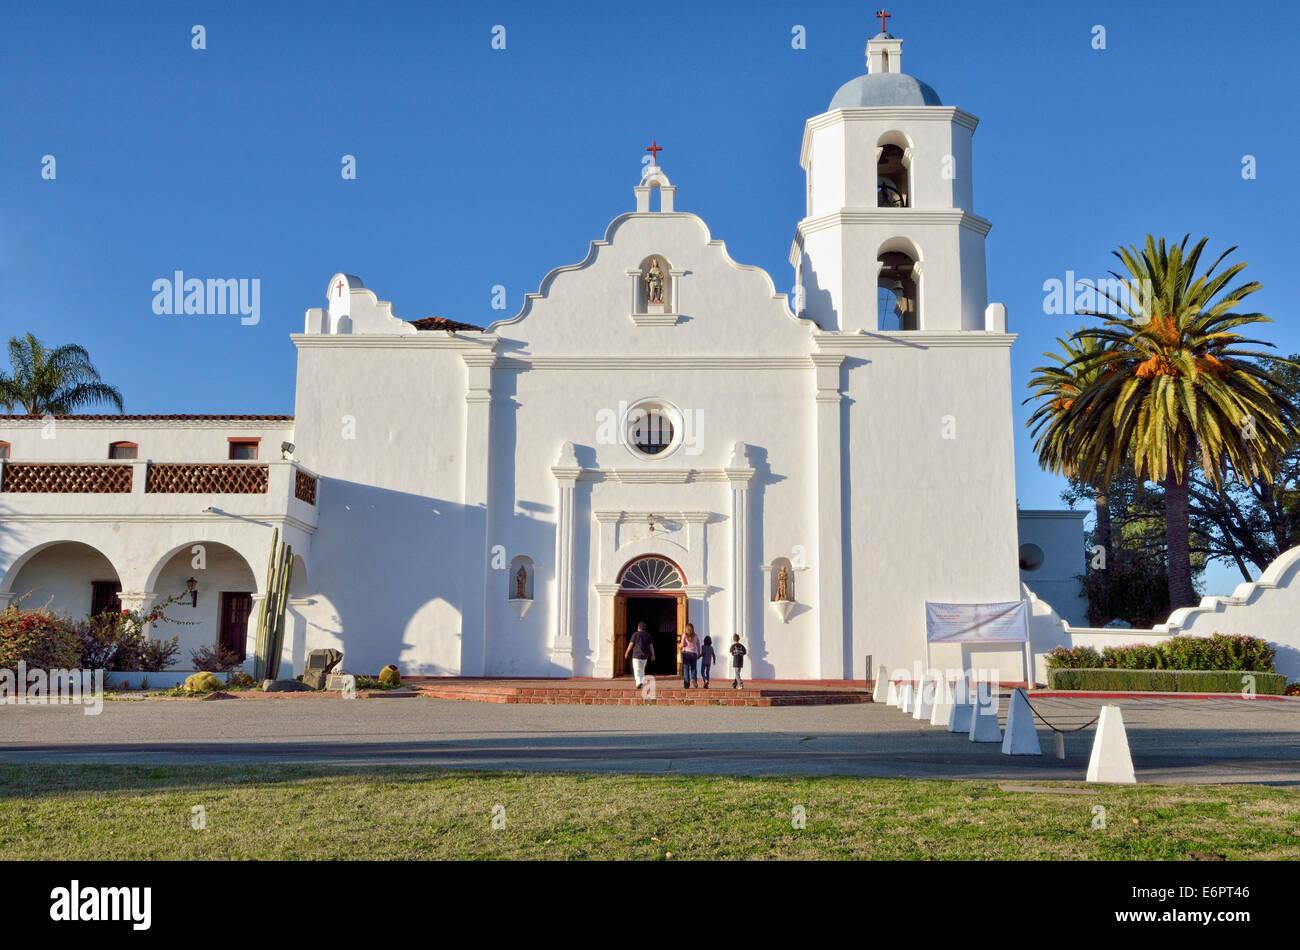 La missione di San Luis Rey de Francia, facciata con una torre campanaria, Oceanside, California, Stati Uniti d'America Immagini Stock